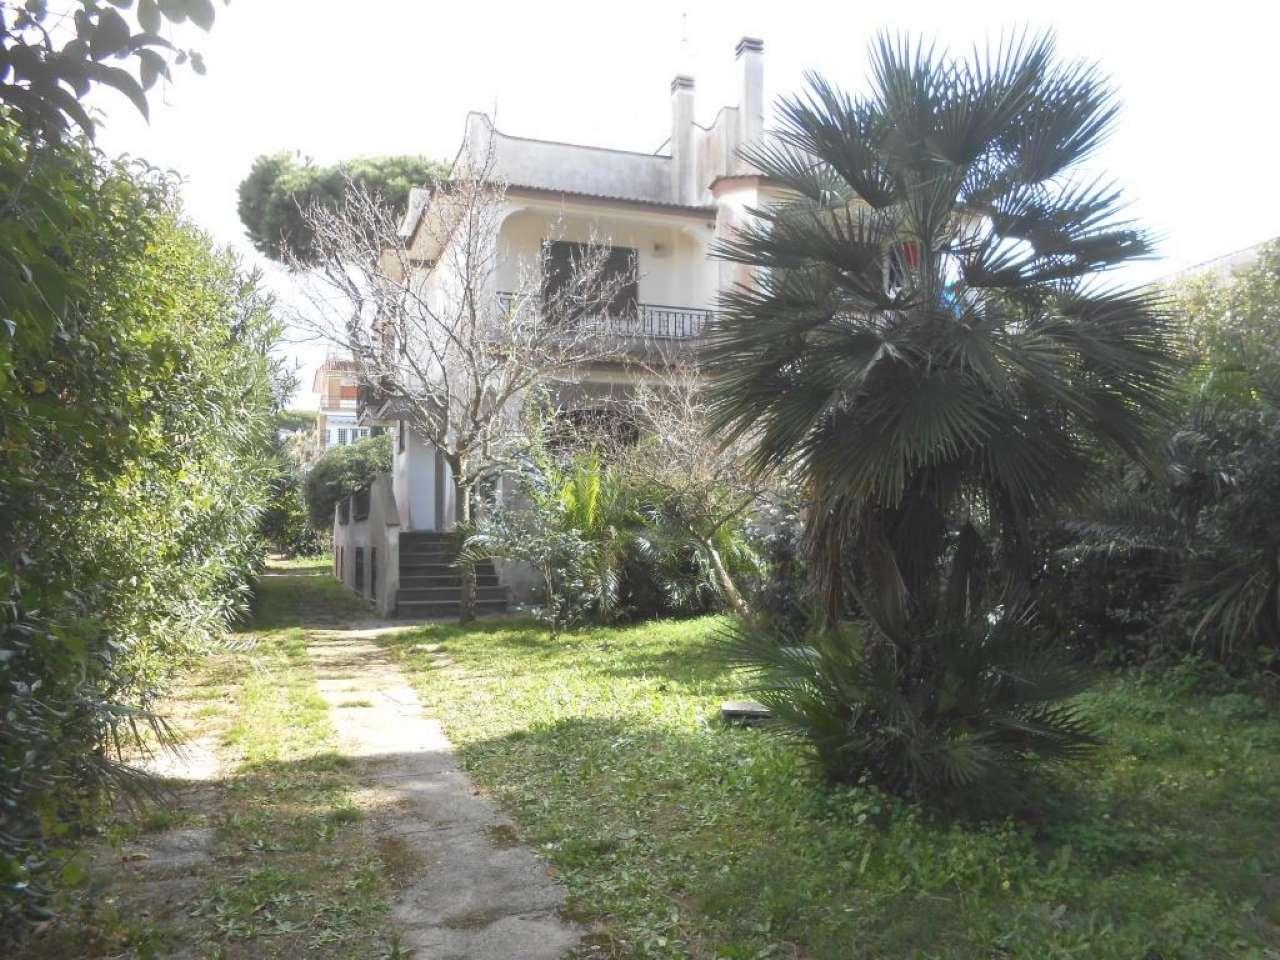 Villa Bifamiliare in vendita a Anzio, 7 locali, prezzo € 115.000 | CambioCasa.it